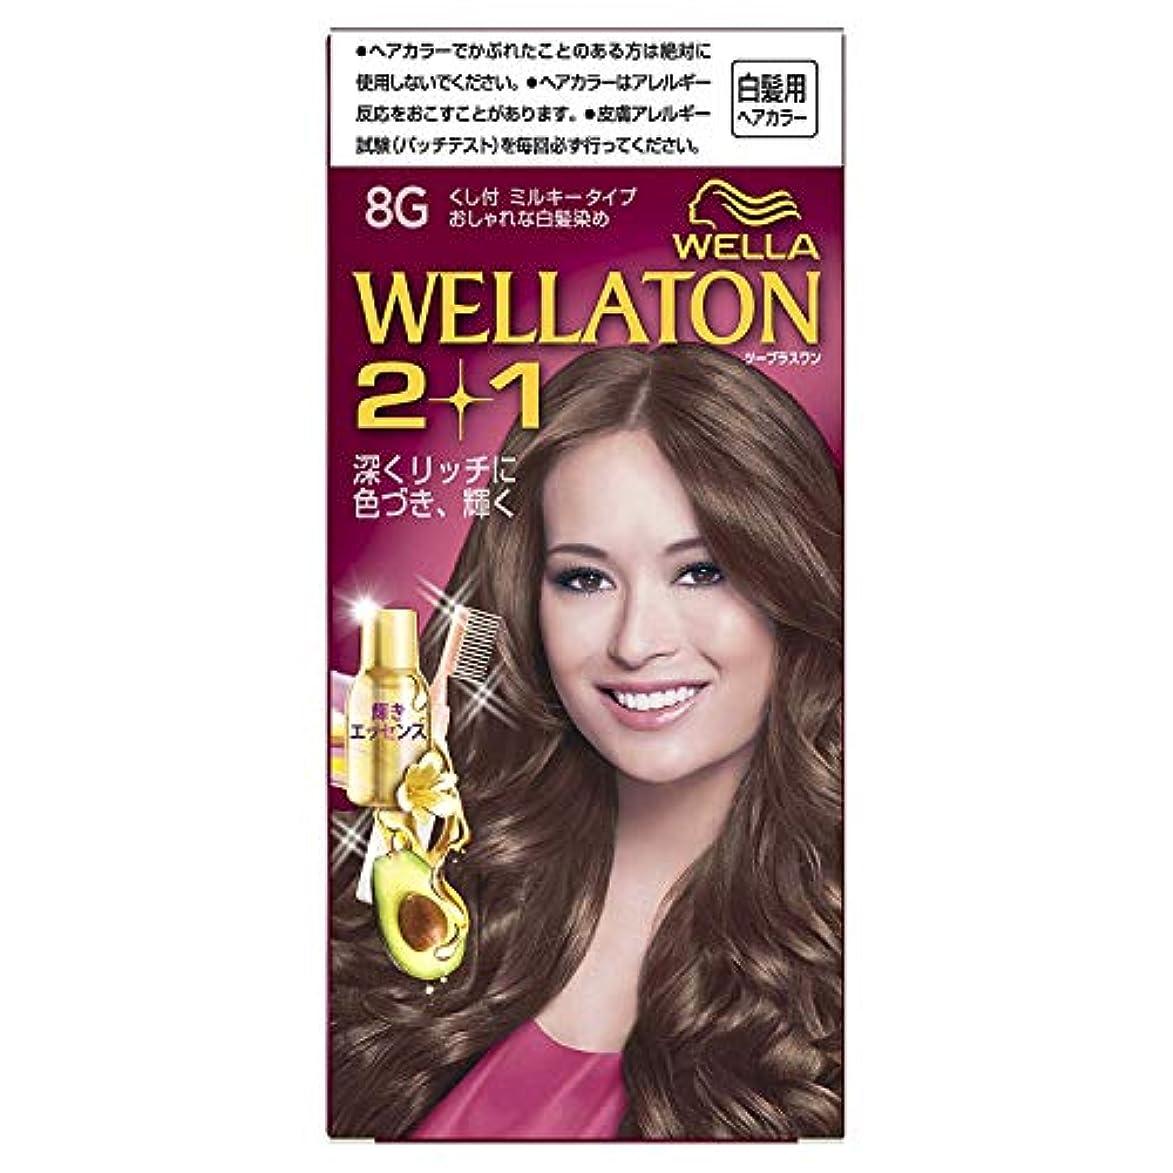 背が高いスカイ調整するウエラトーン2+1 白髪染め くし付ミルキータイプ 8G [医薬部外品] ×6個